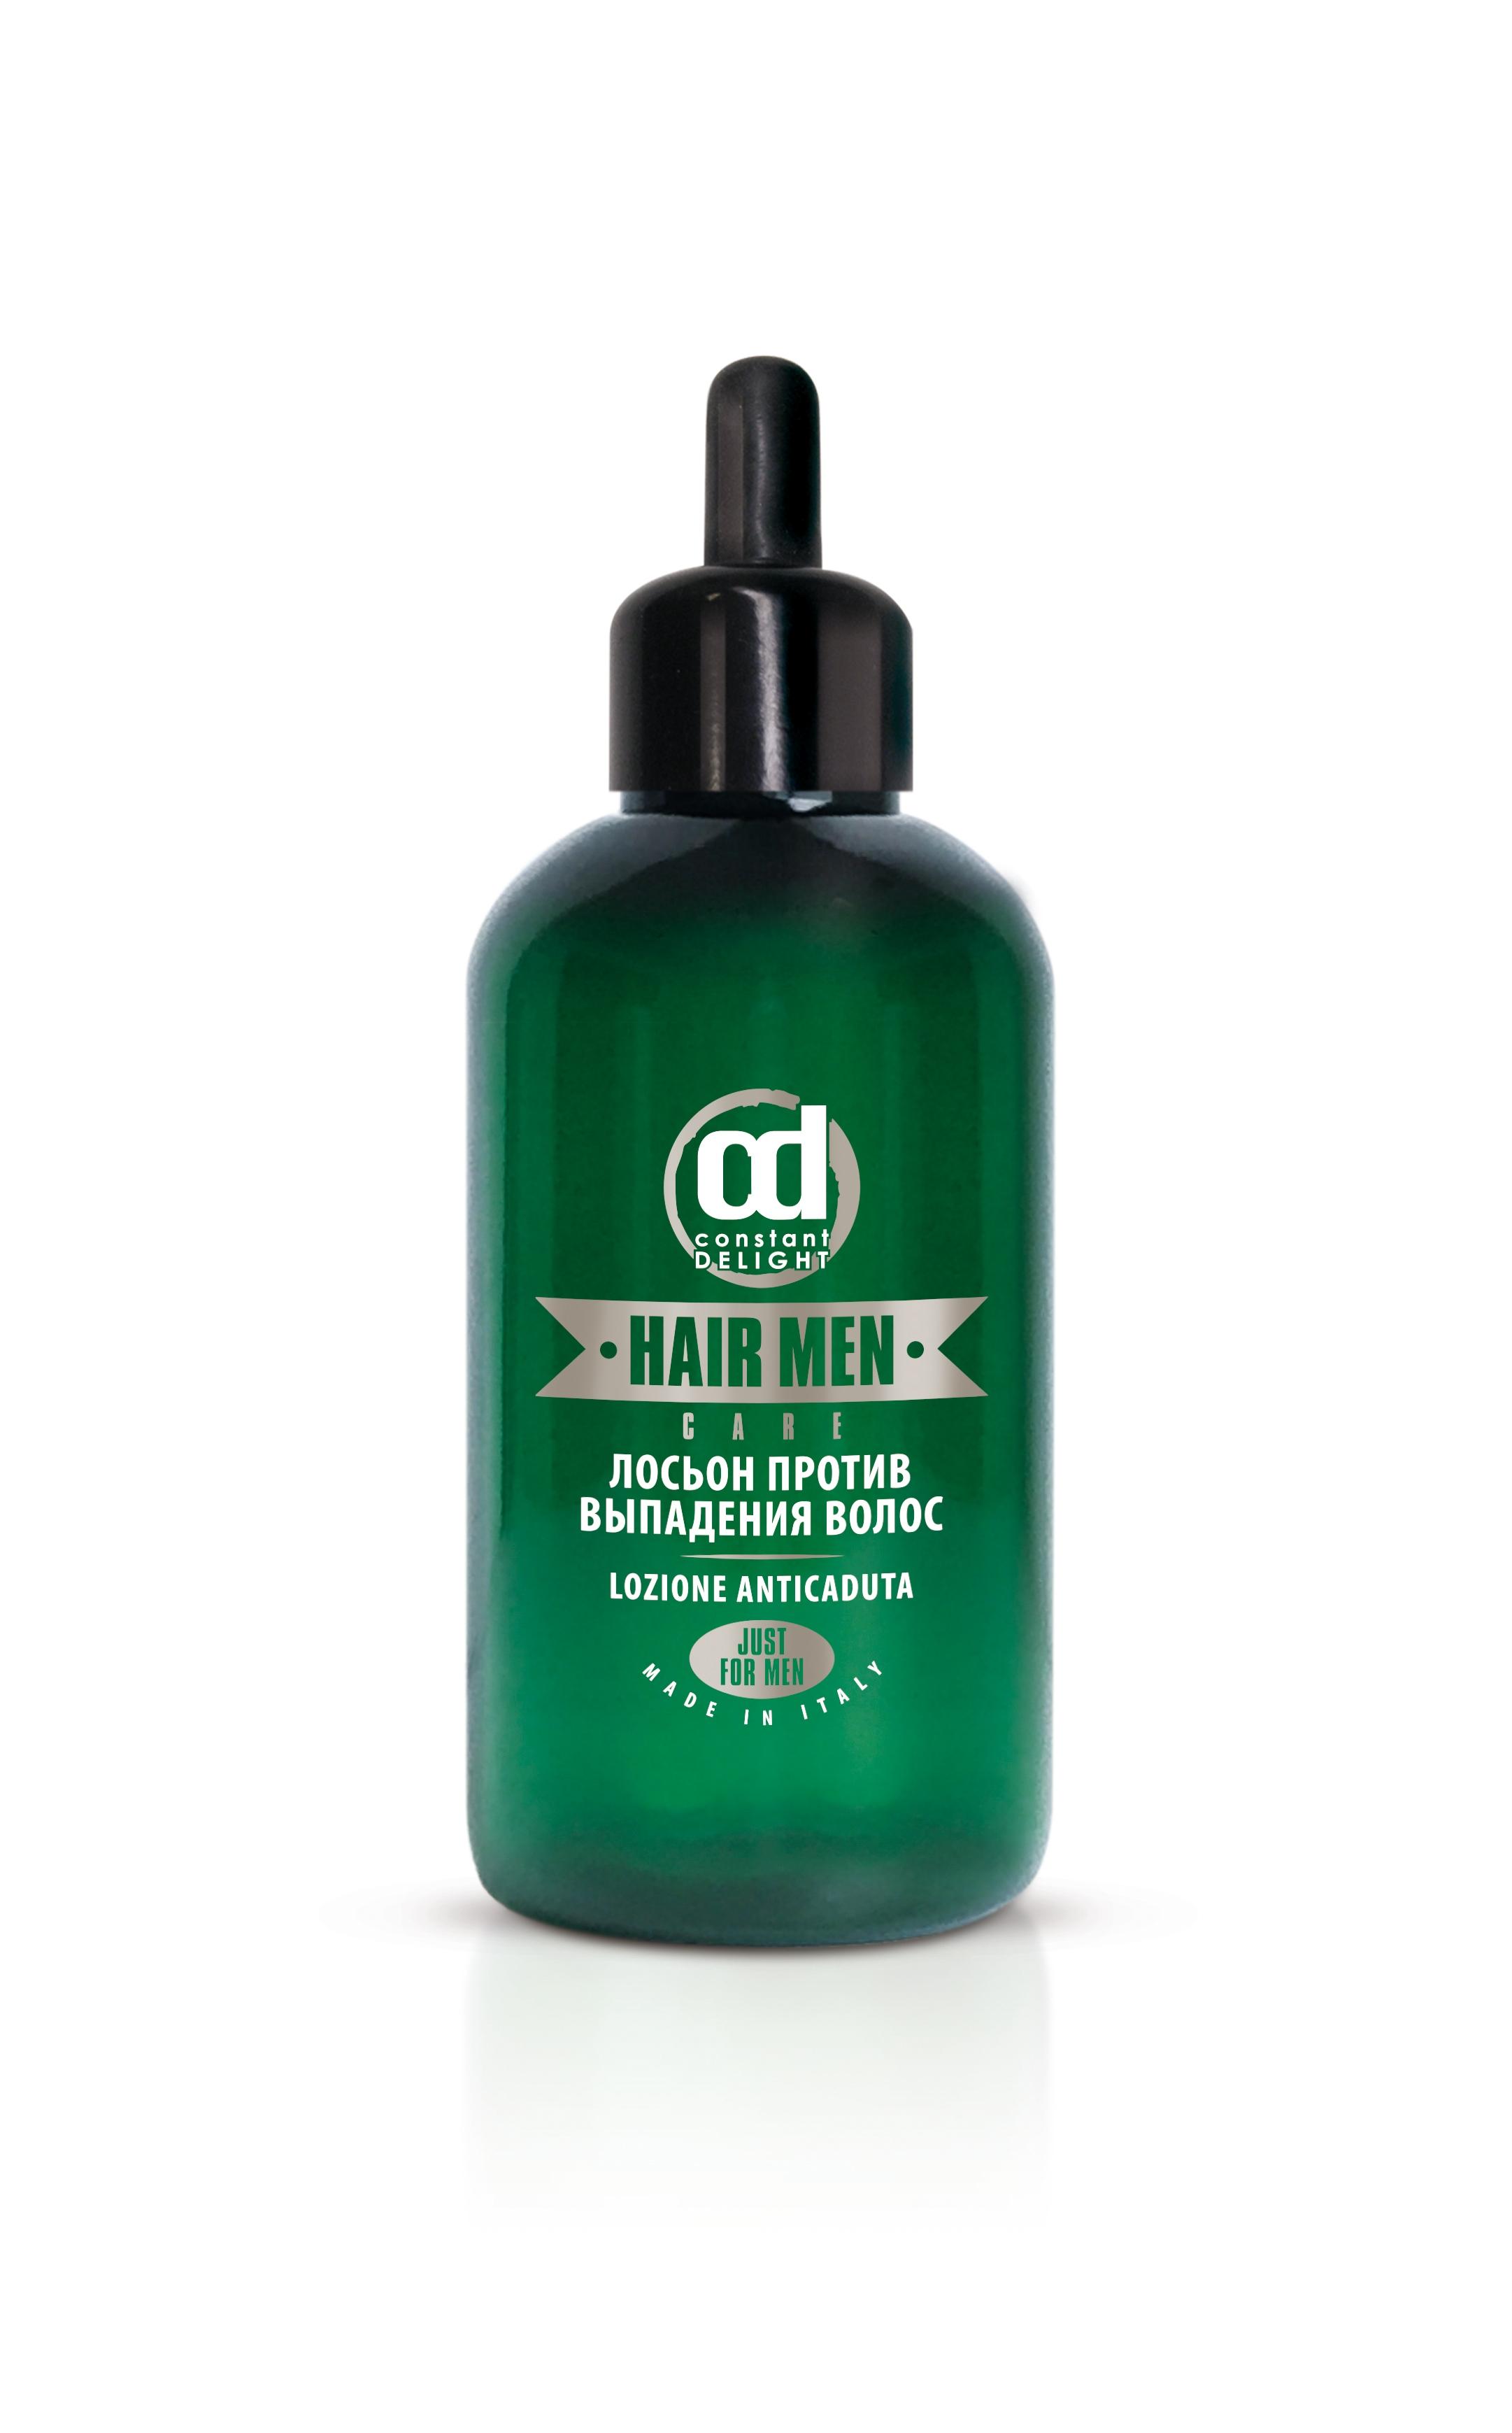 CONSTANT DELIGHT Лосьон против выпадения волос / BARBER Hair Men 100 мл от Галерея Косметики